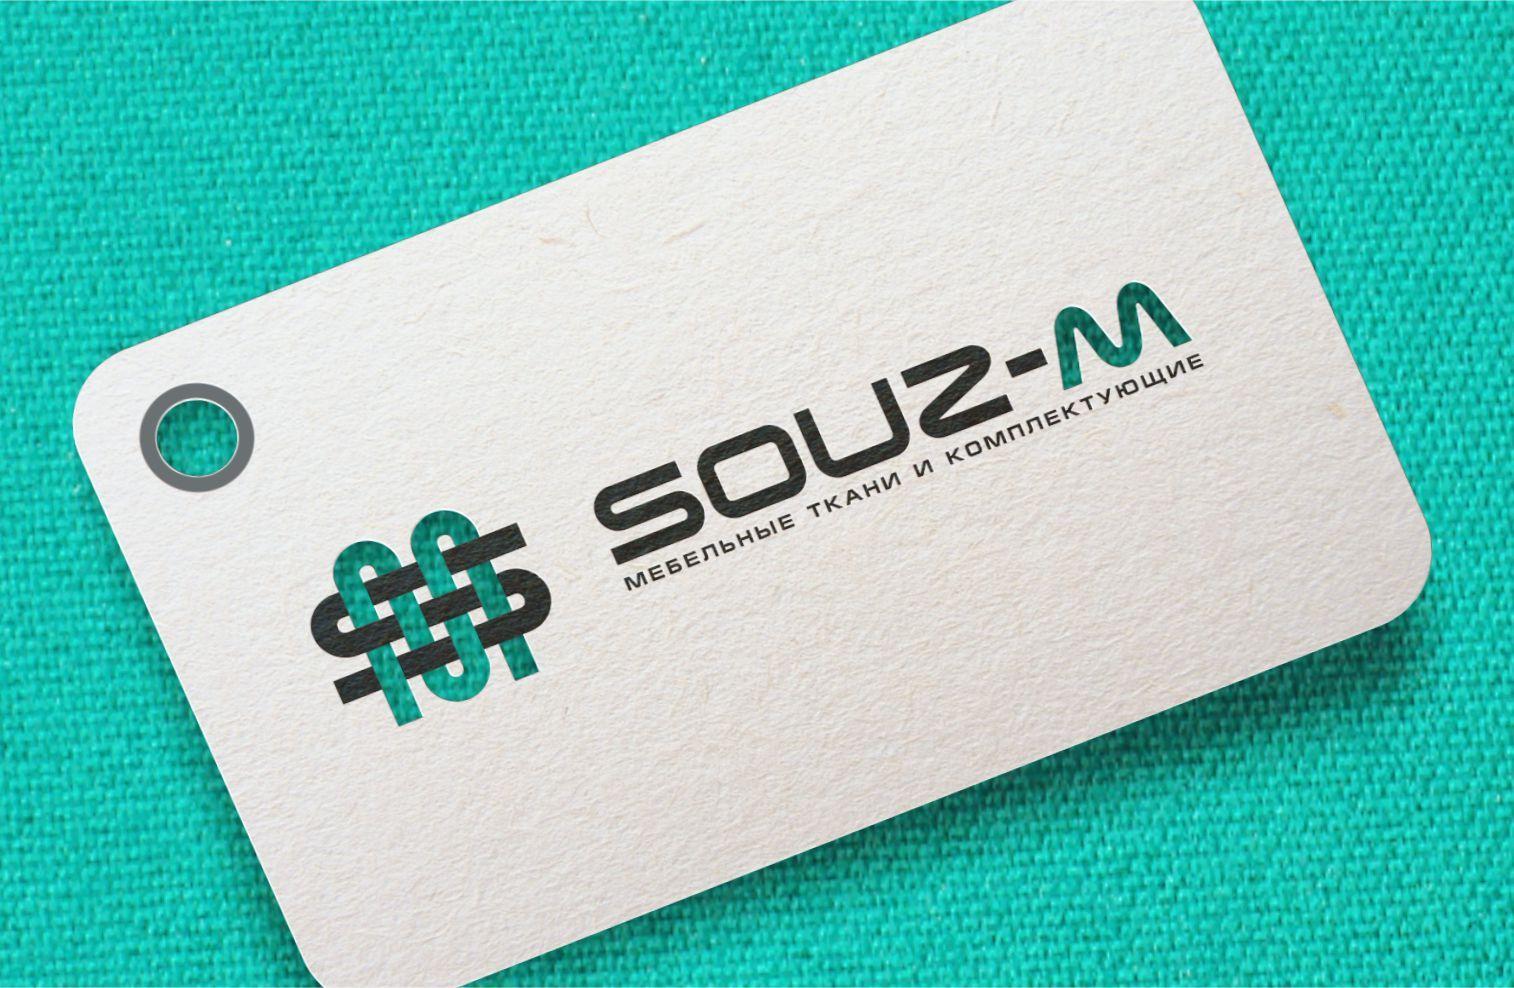 финал конкурса на логотип SM (мебельные ткани)